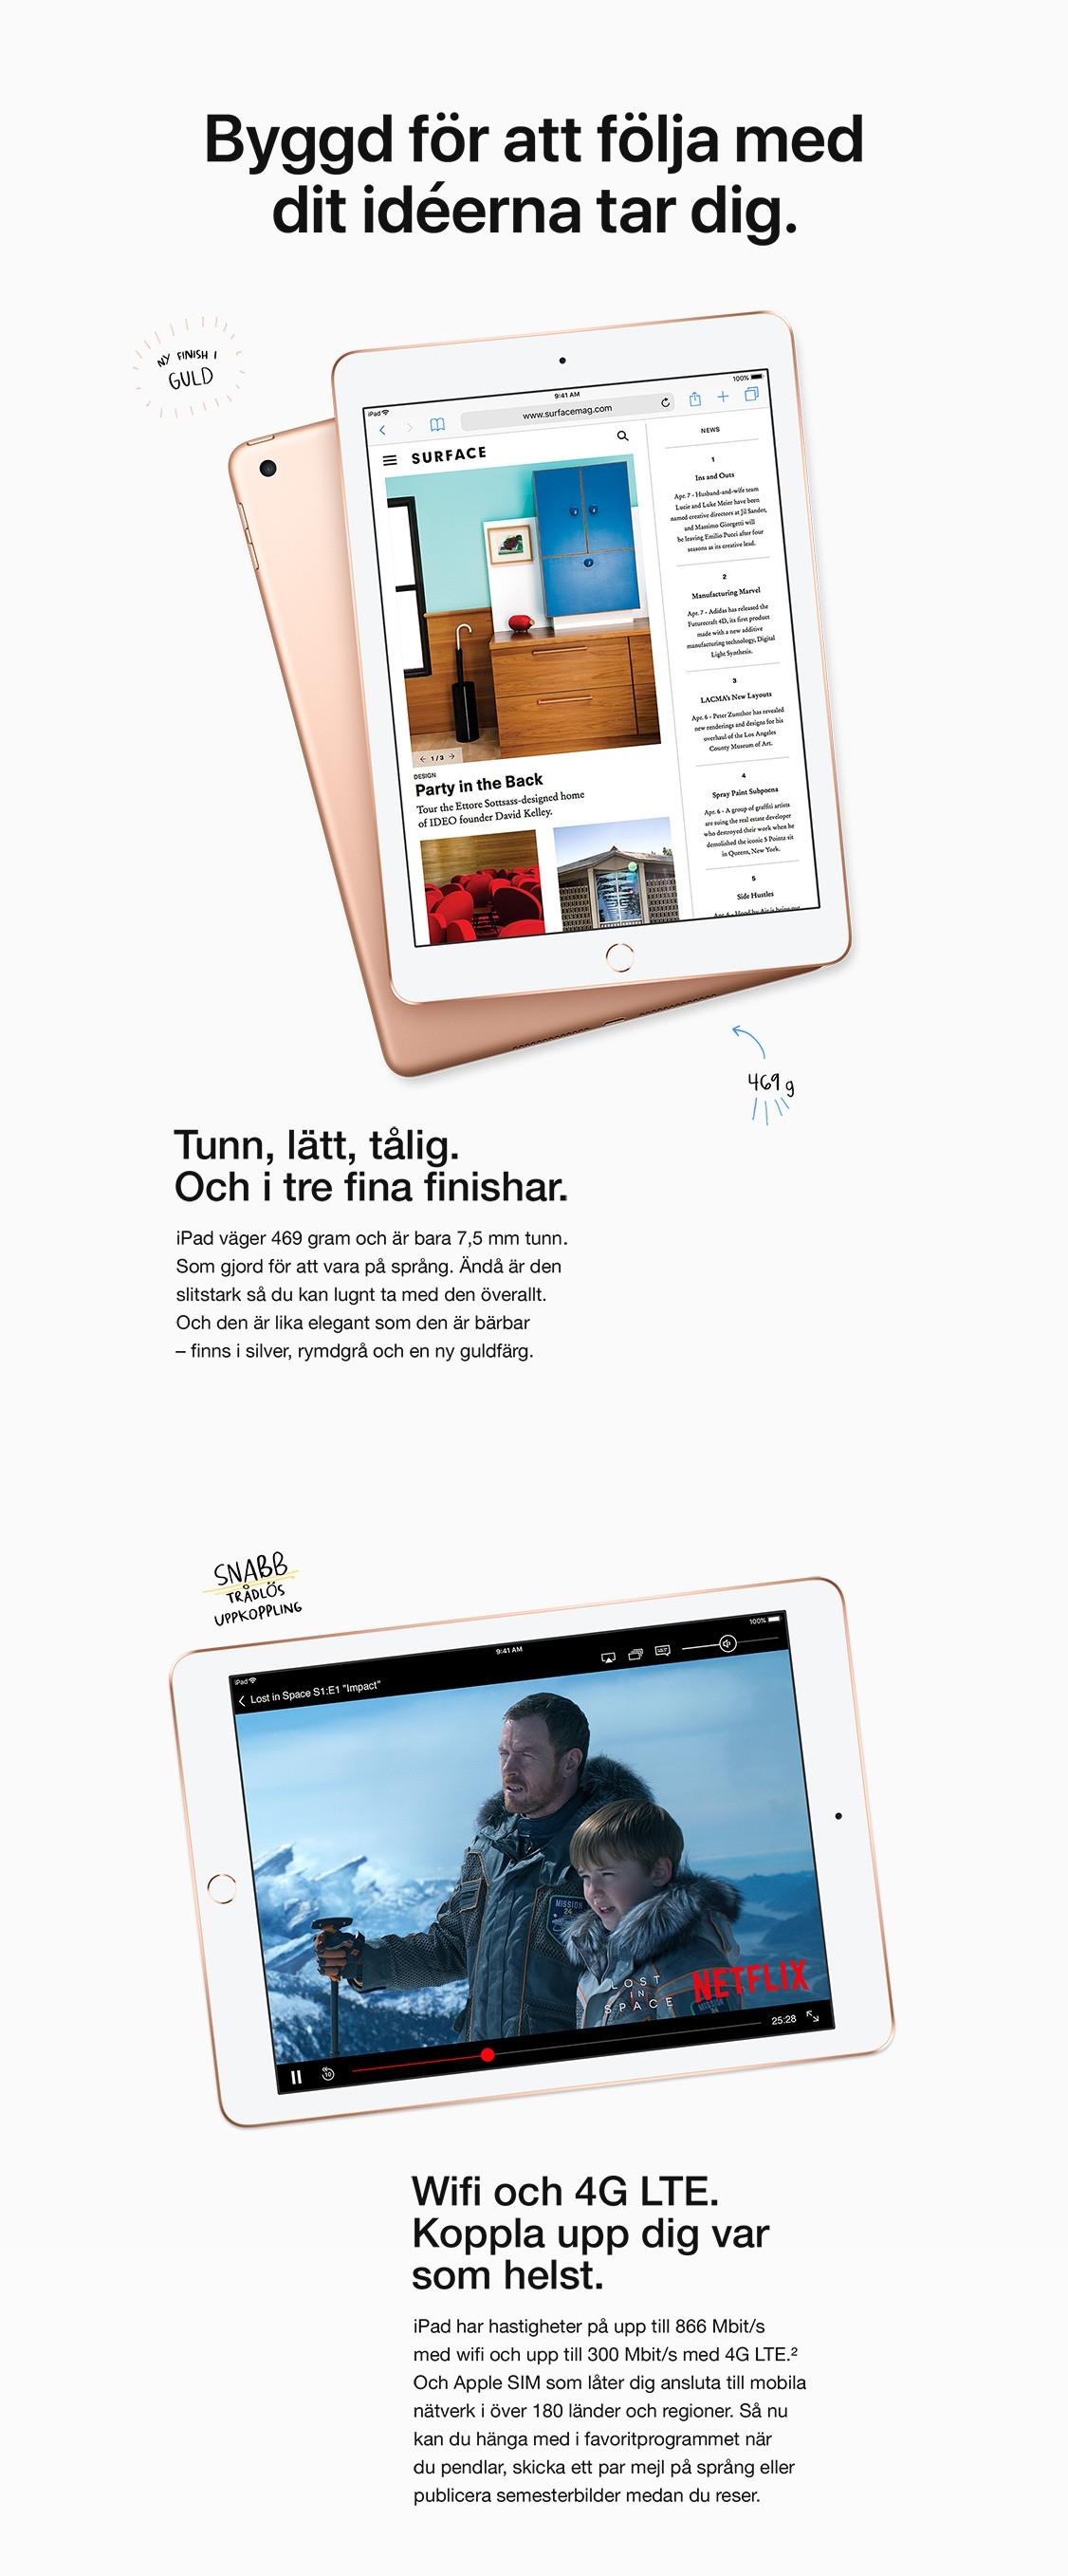 Nya iPad är tunn, lätt, tålig och finns i tre fina finishar inkluderat silver, rymdgrå samt en ny guldfärg